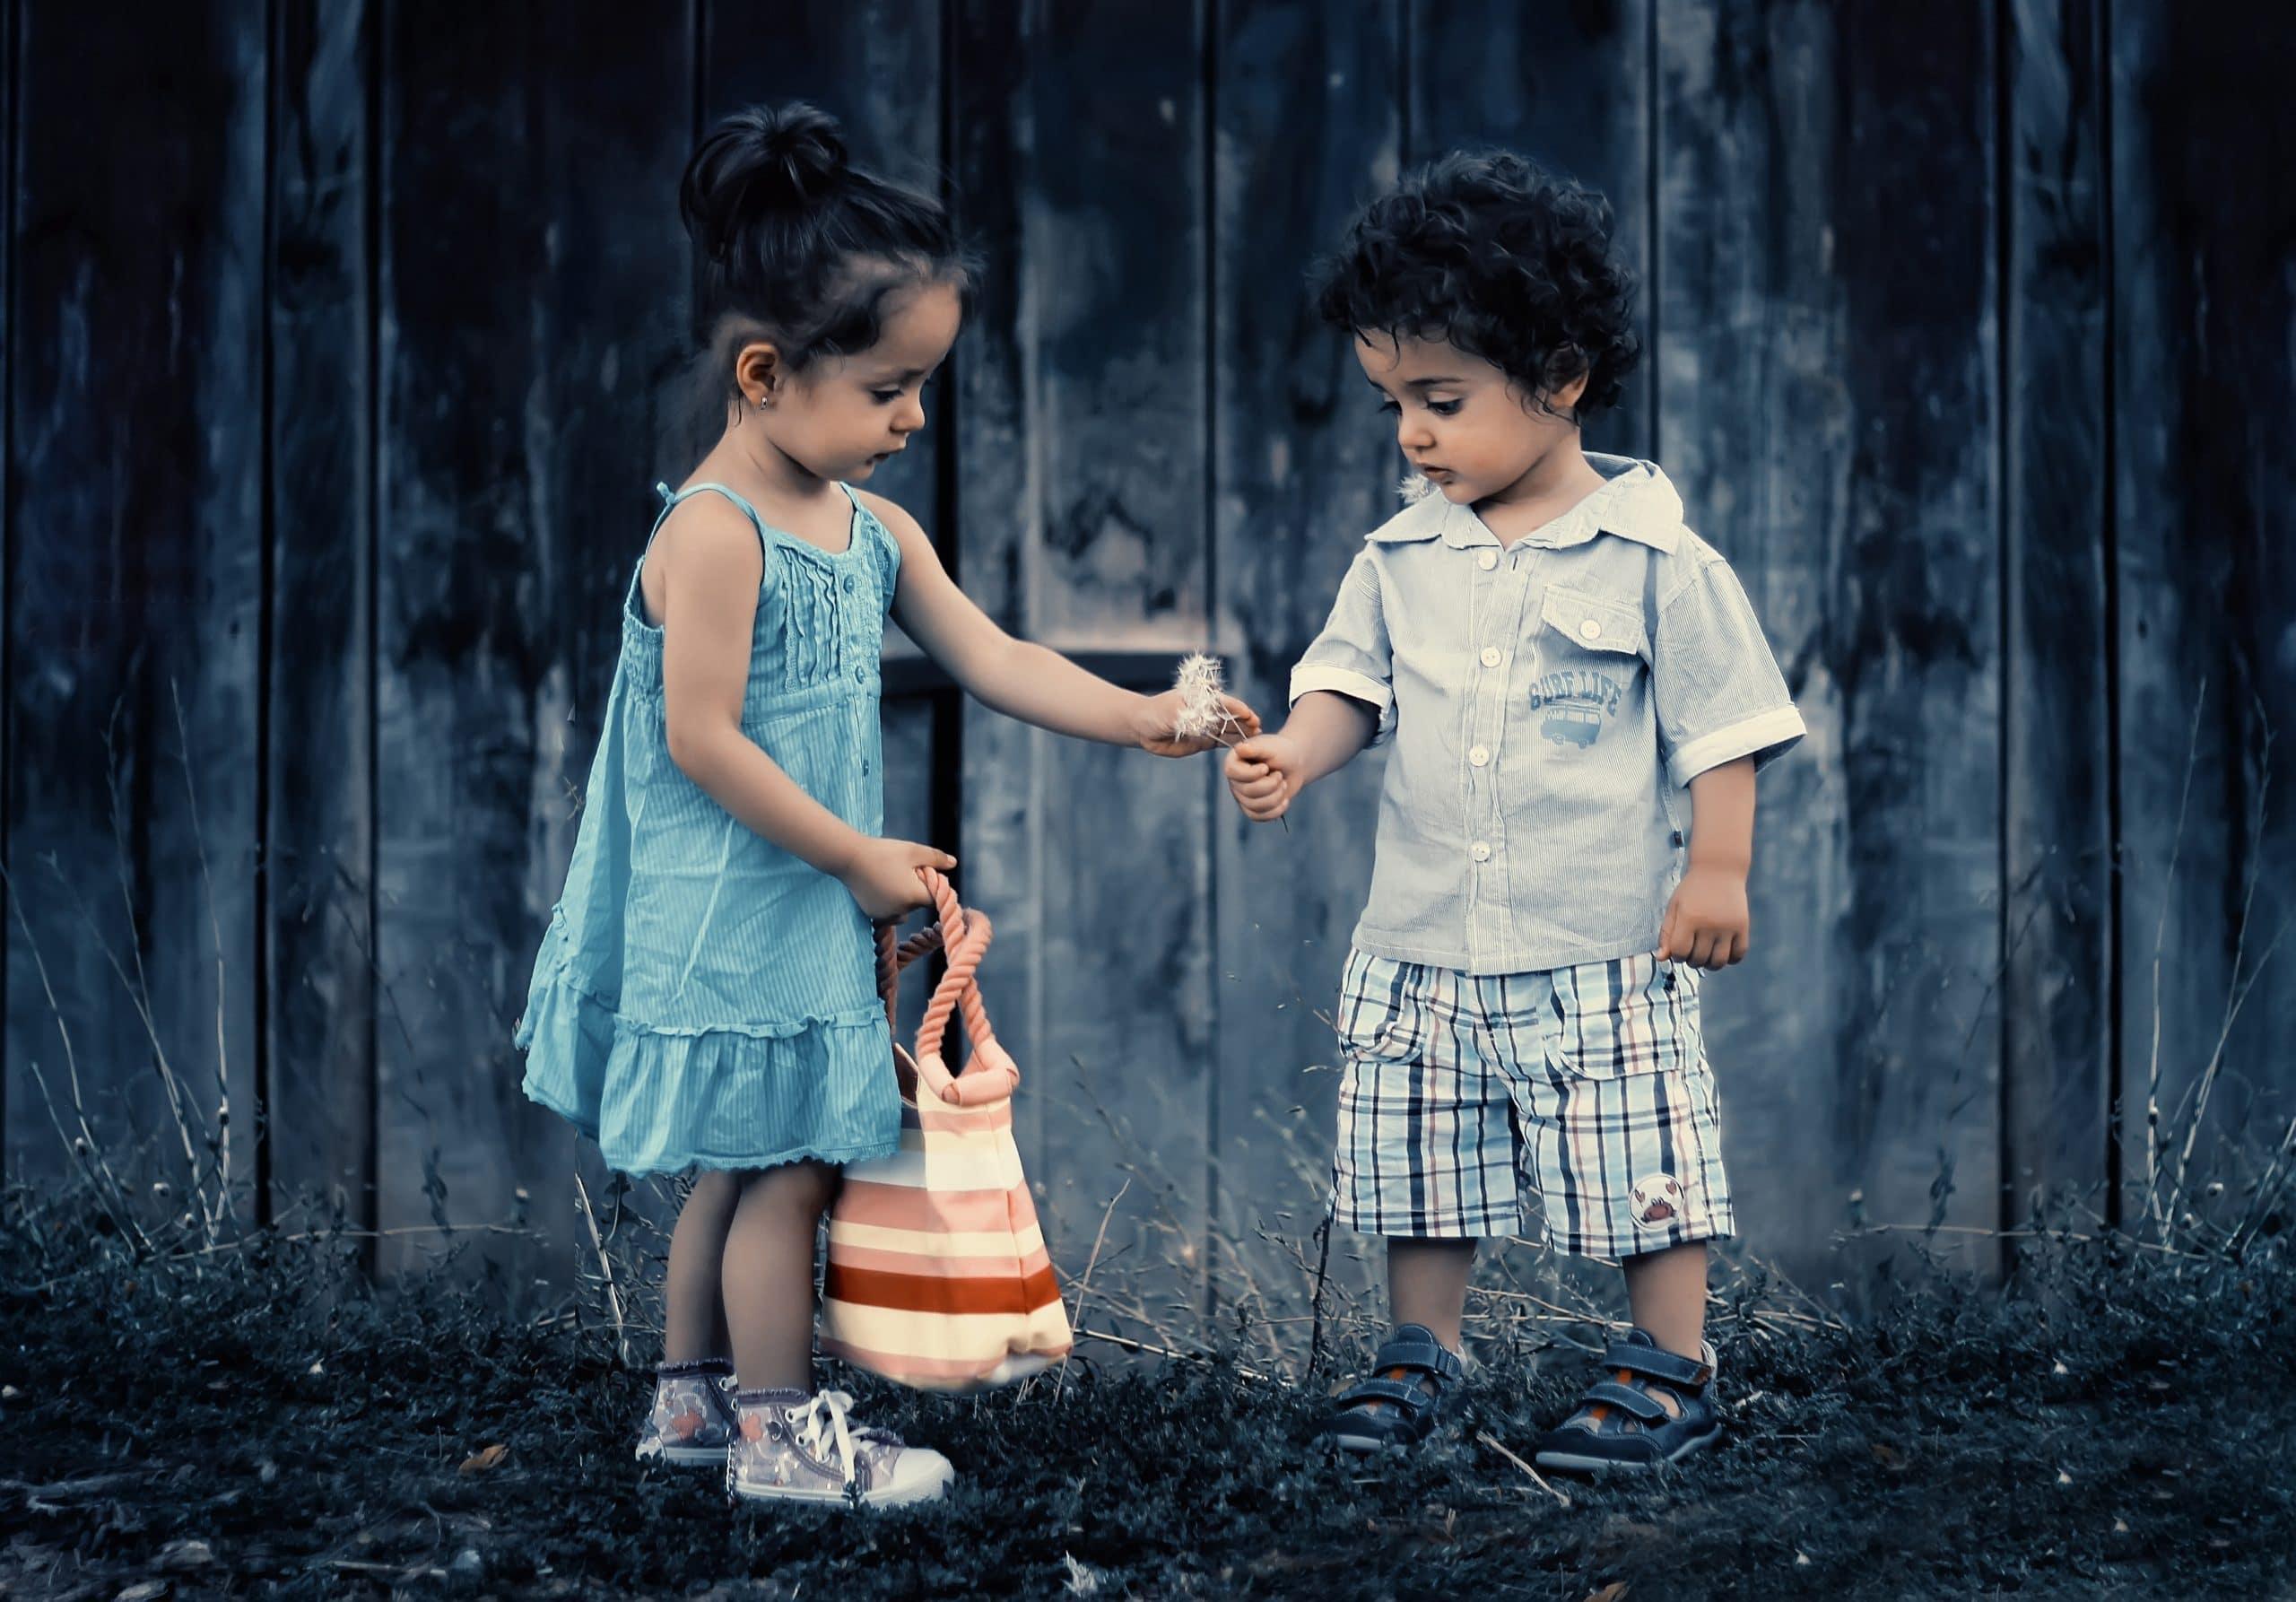 Crianças interagindo com flor na mão